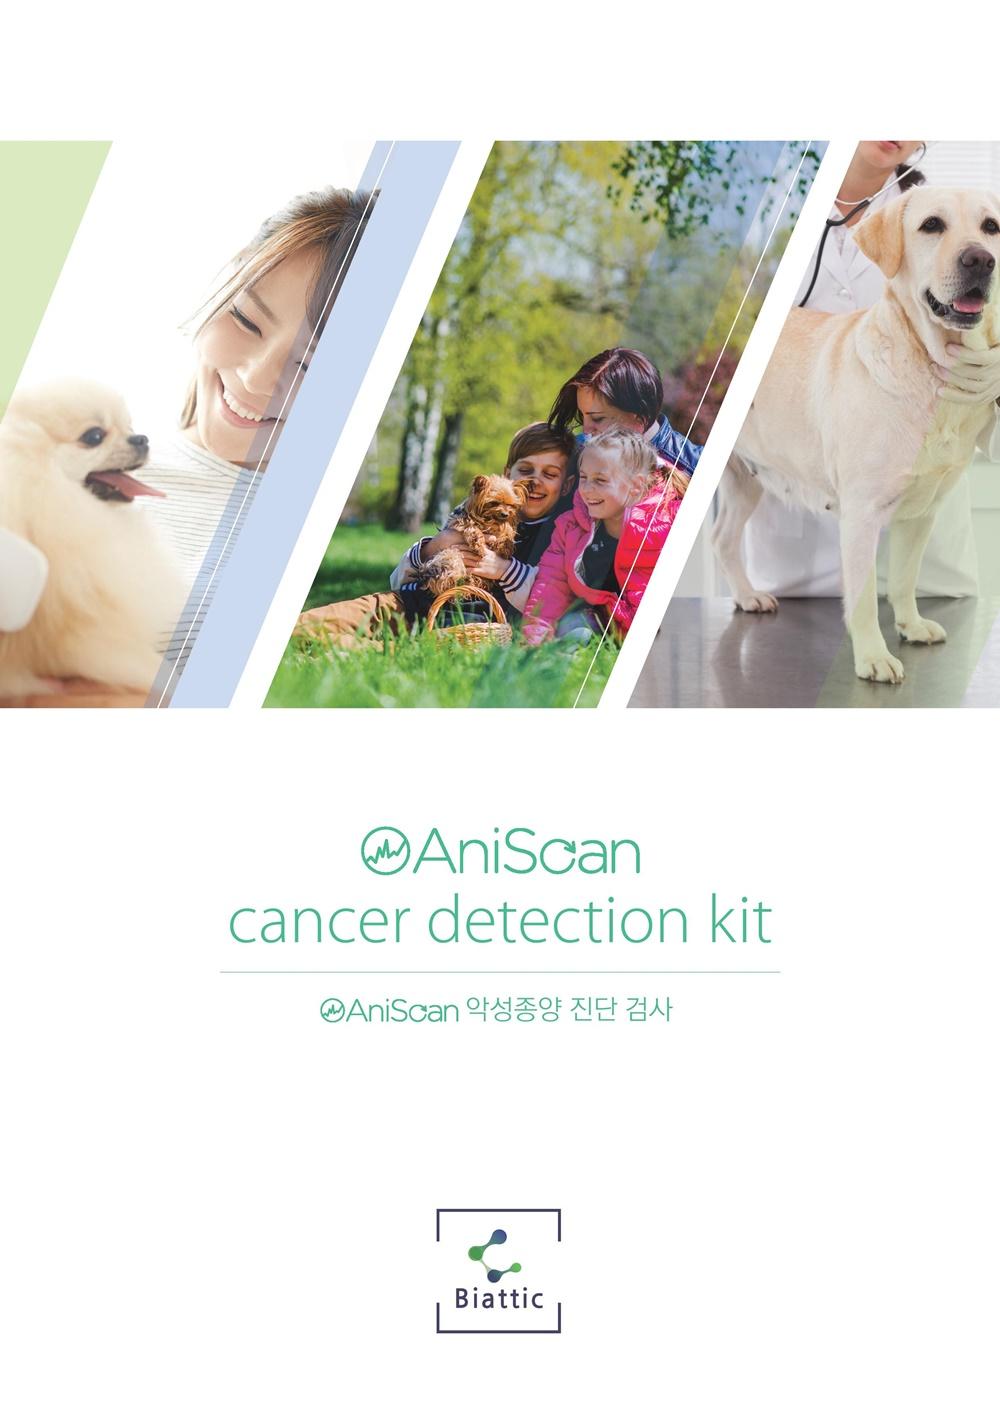 20180502aniscan cancer kit1